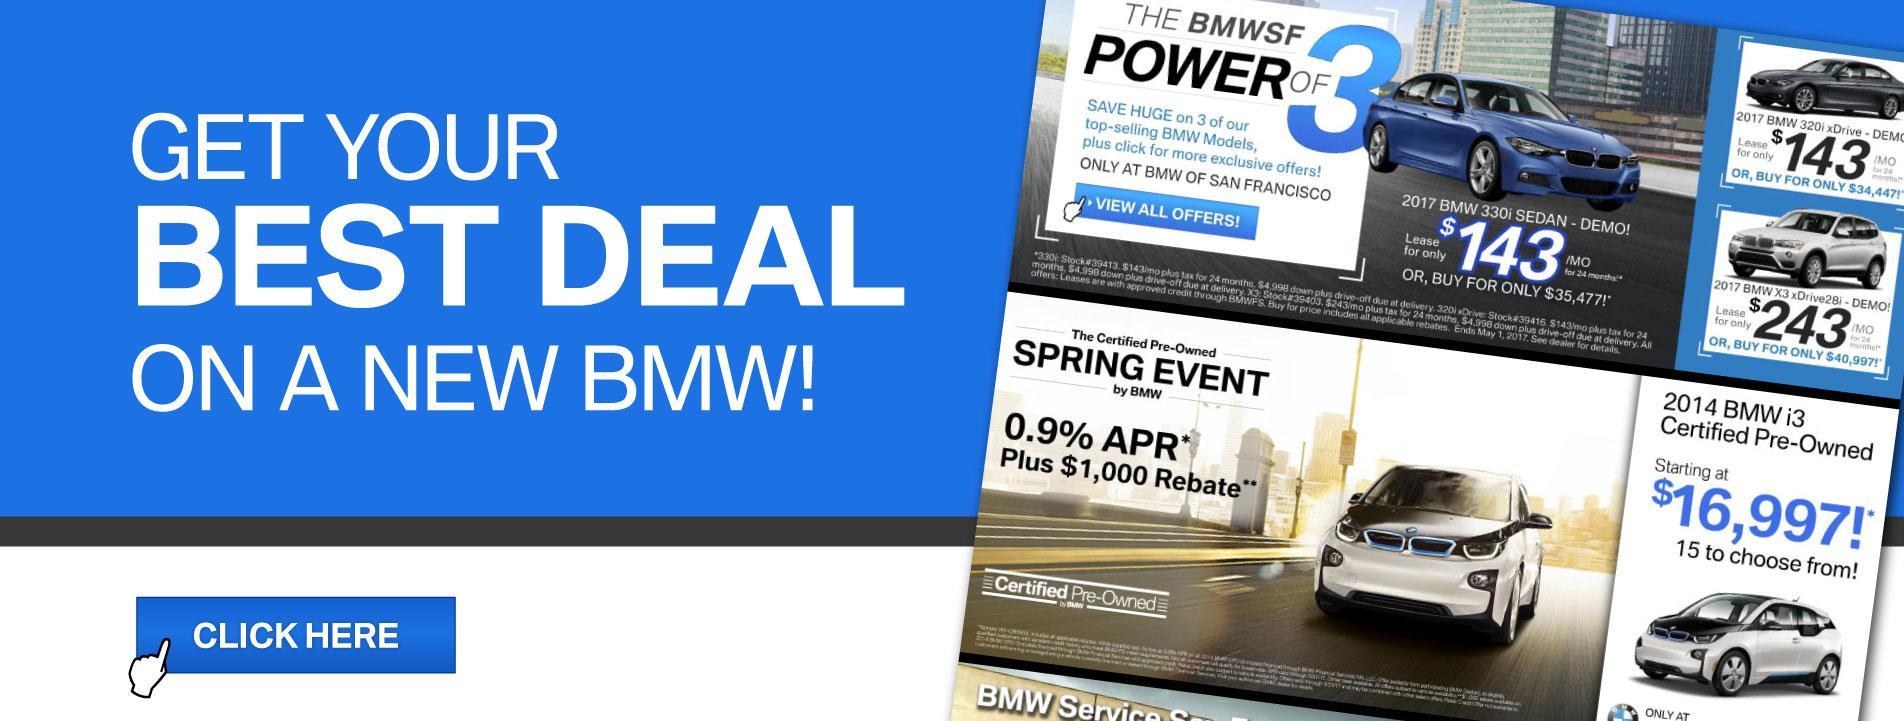 BMWSF Best Deals